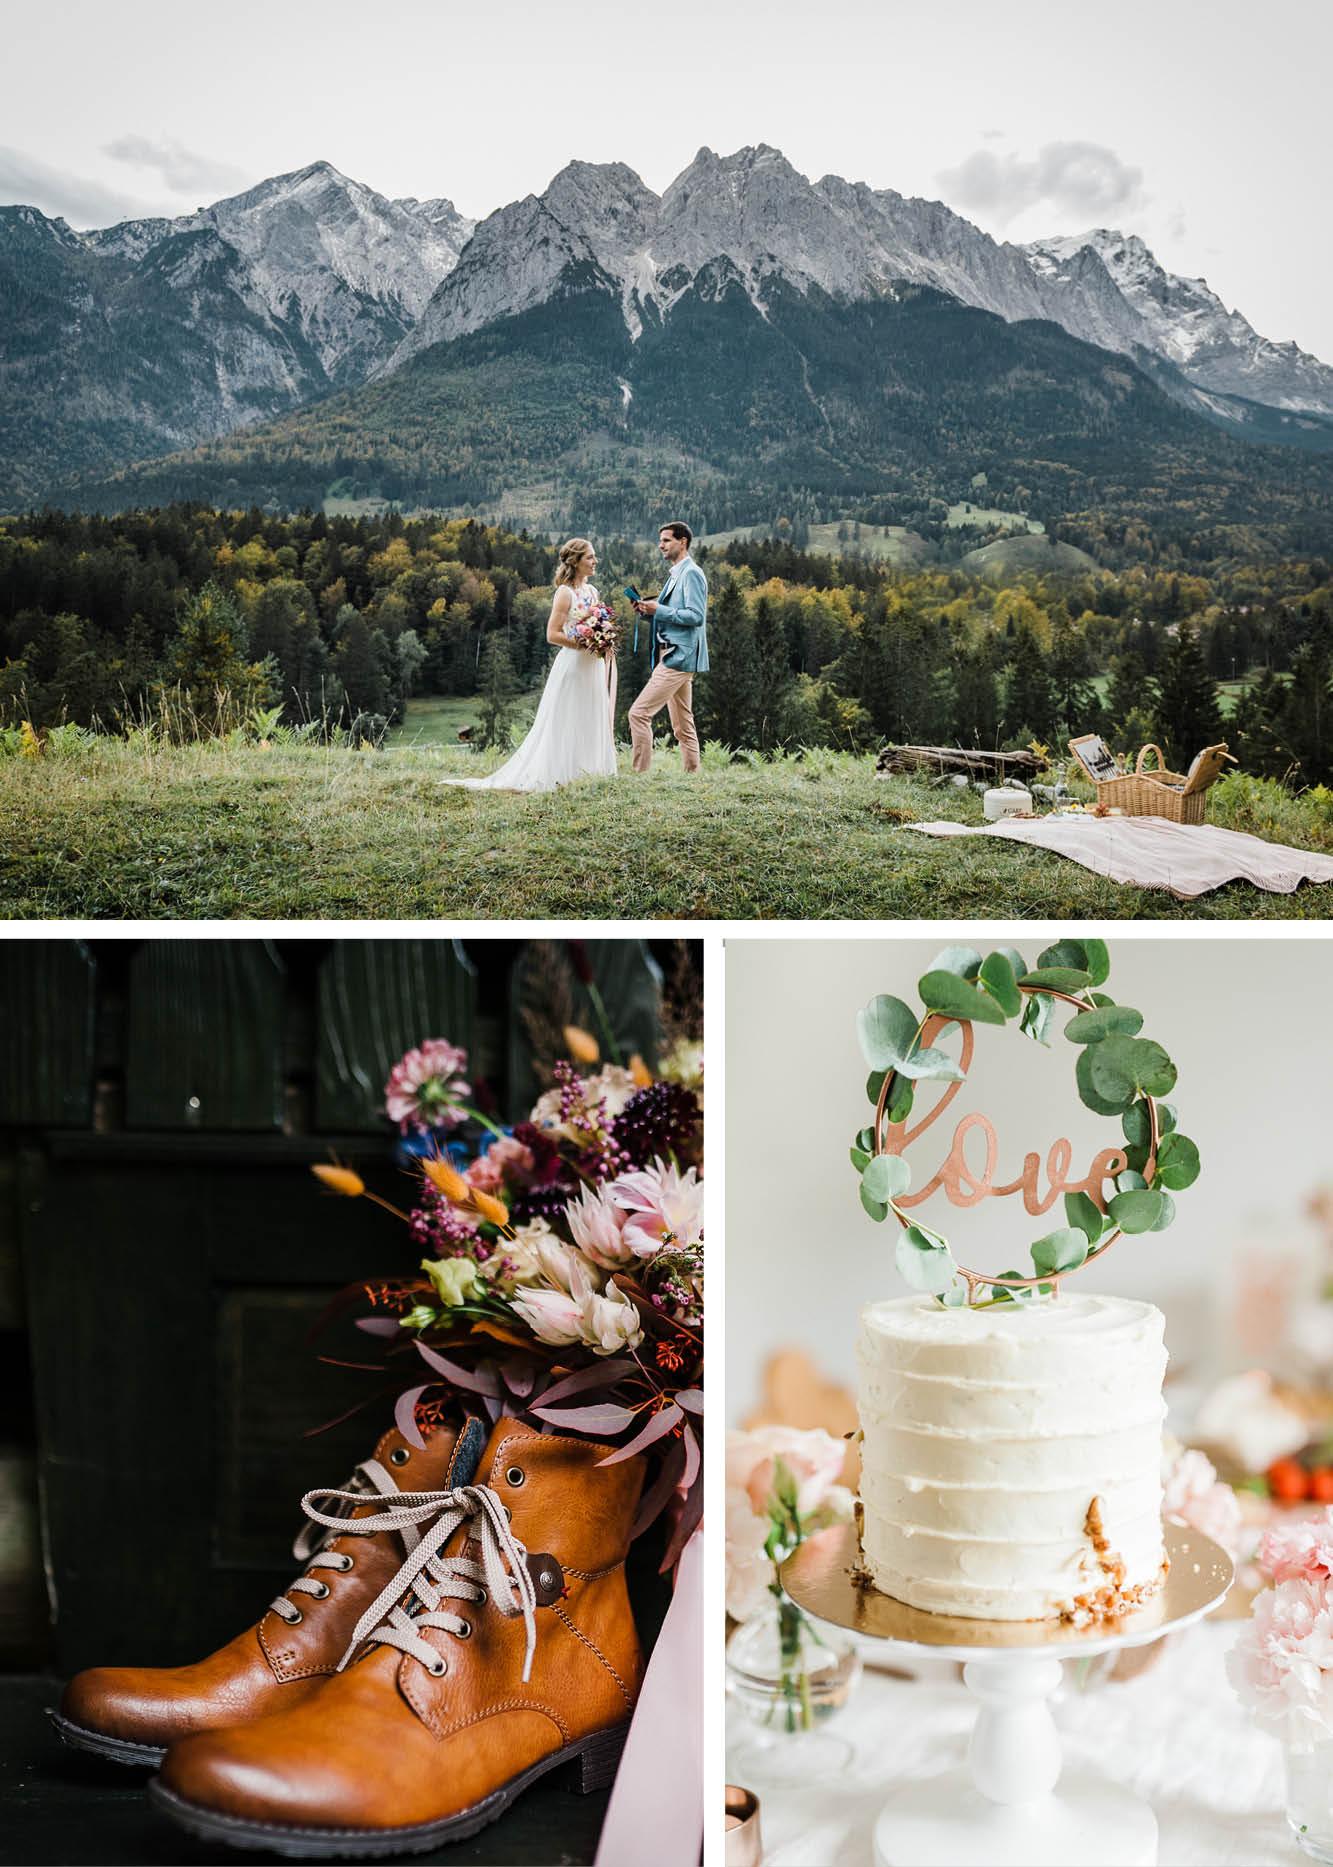 Hochzeit in den Bergen, Elopement, Dekoration,Schuhe, Hochzeitstorte